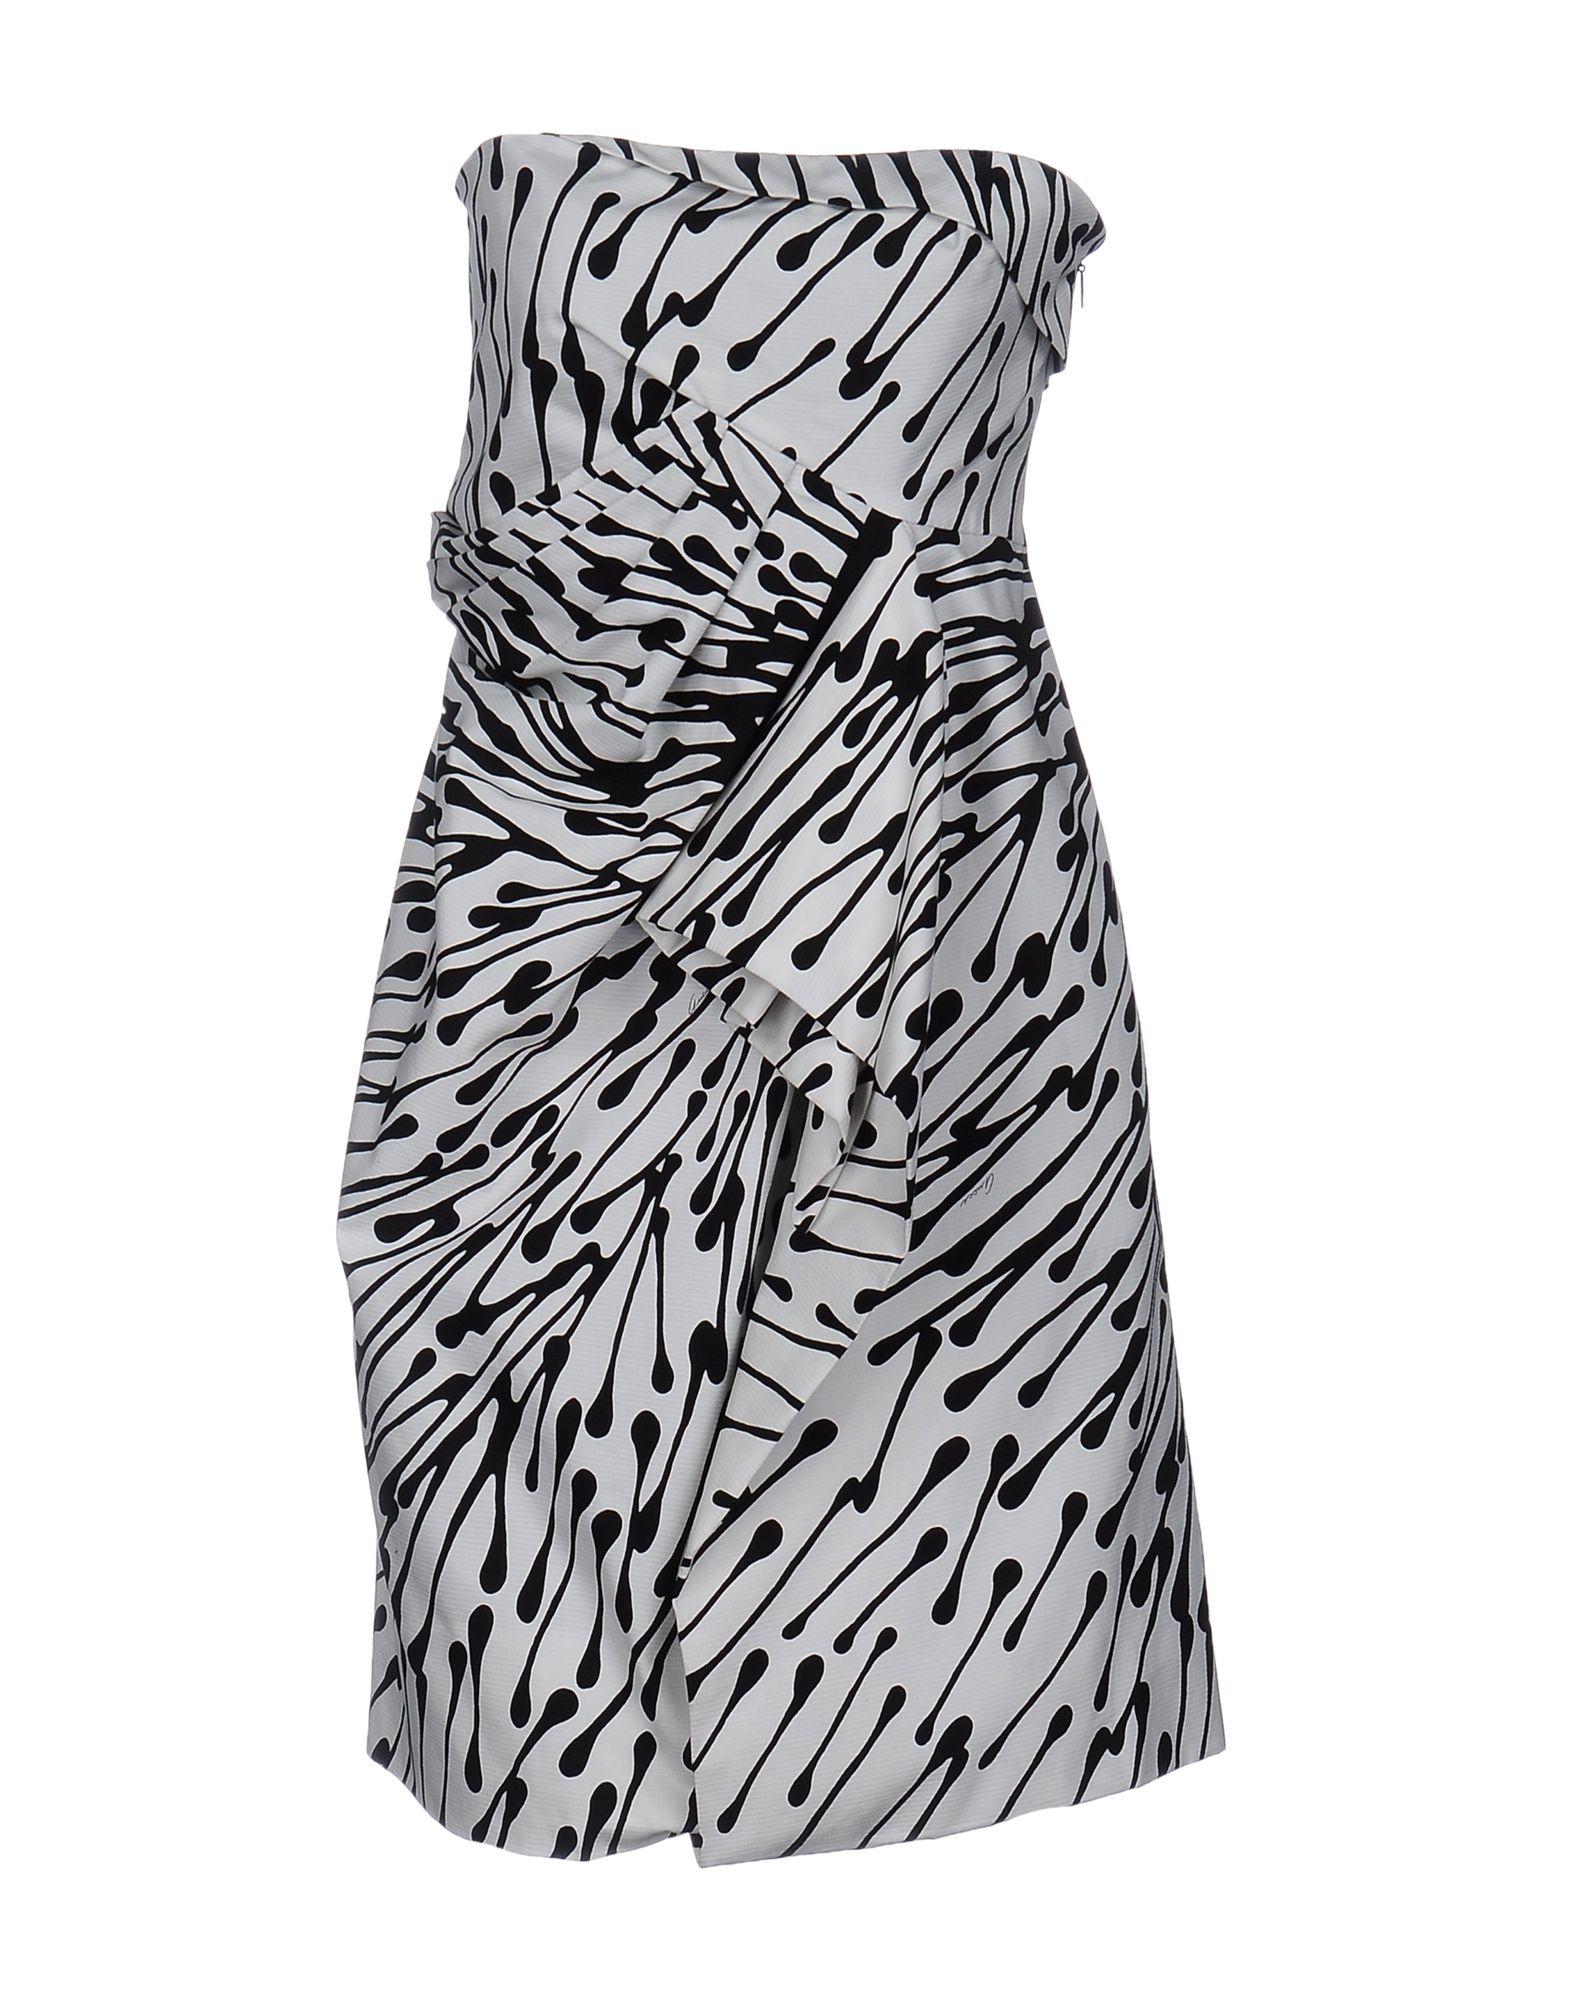 GUCCI Damen Kurzes Kleid Farbe Weiß Größe 4